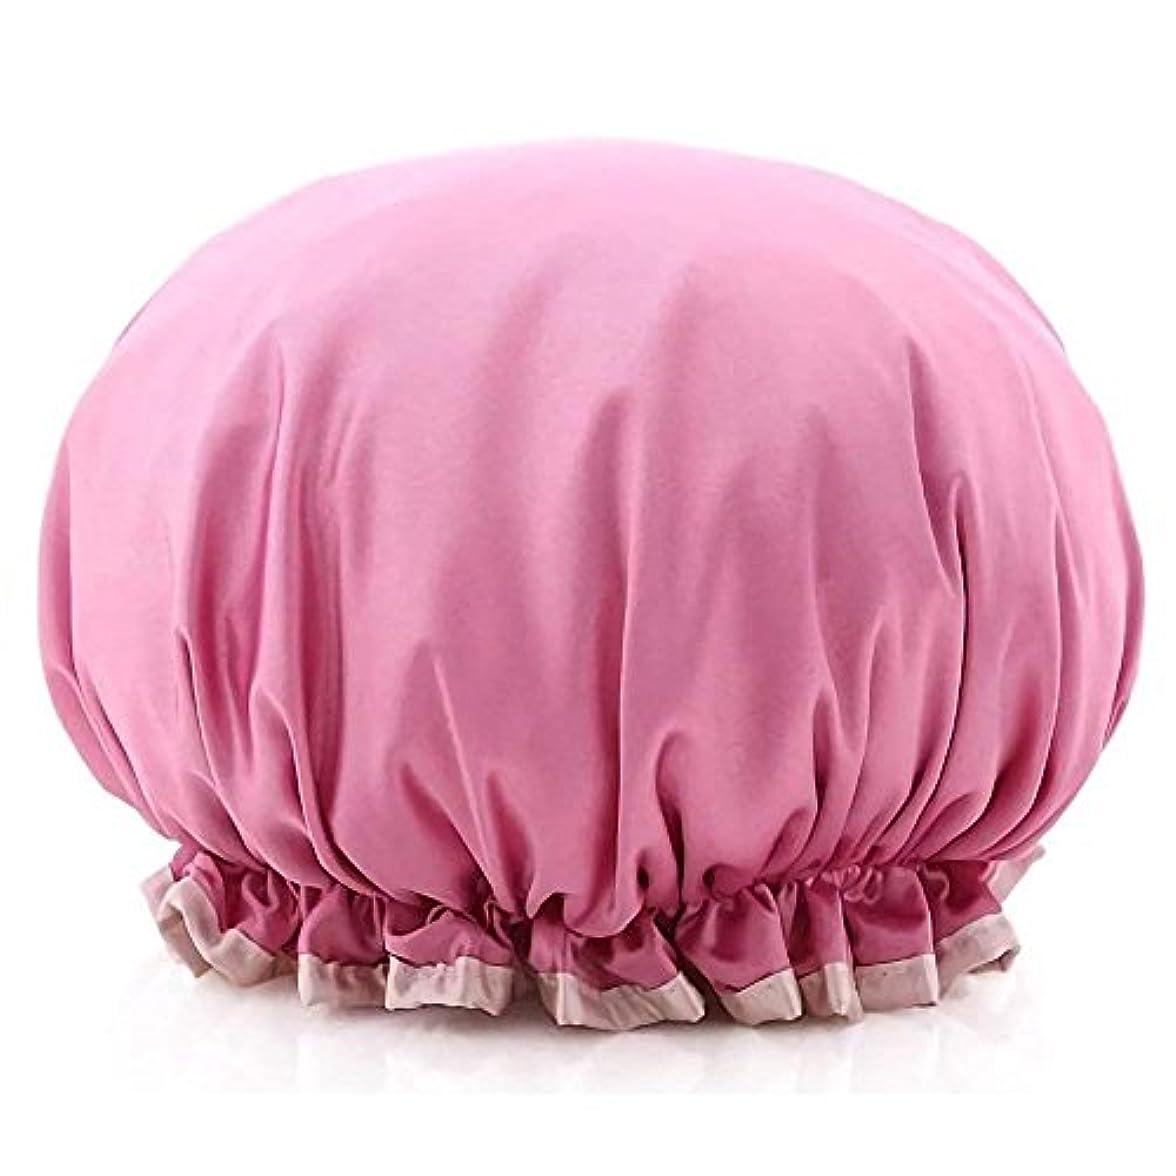 錆びマウントバンクピカソシャワーキャップ ヘアキャップ ヘアーターバン 防水シャワーキャップ お風呂、シャワー用に 浴用帽子 なサロンの髪を保護する帽子 (ピンク)